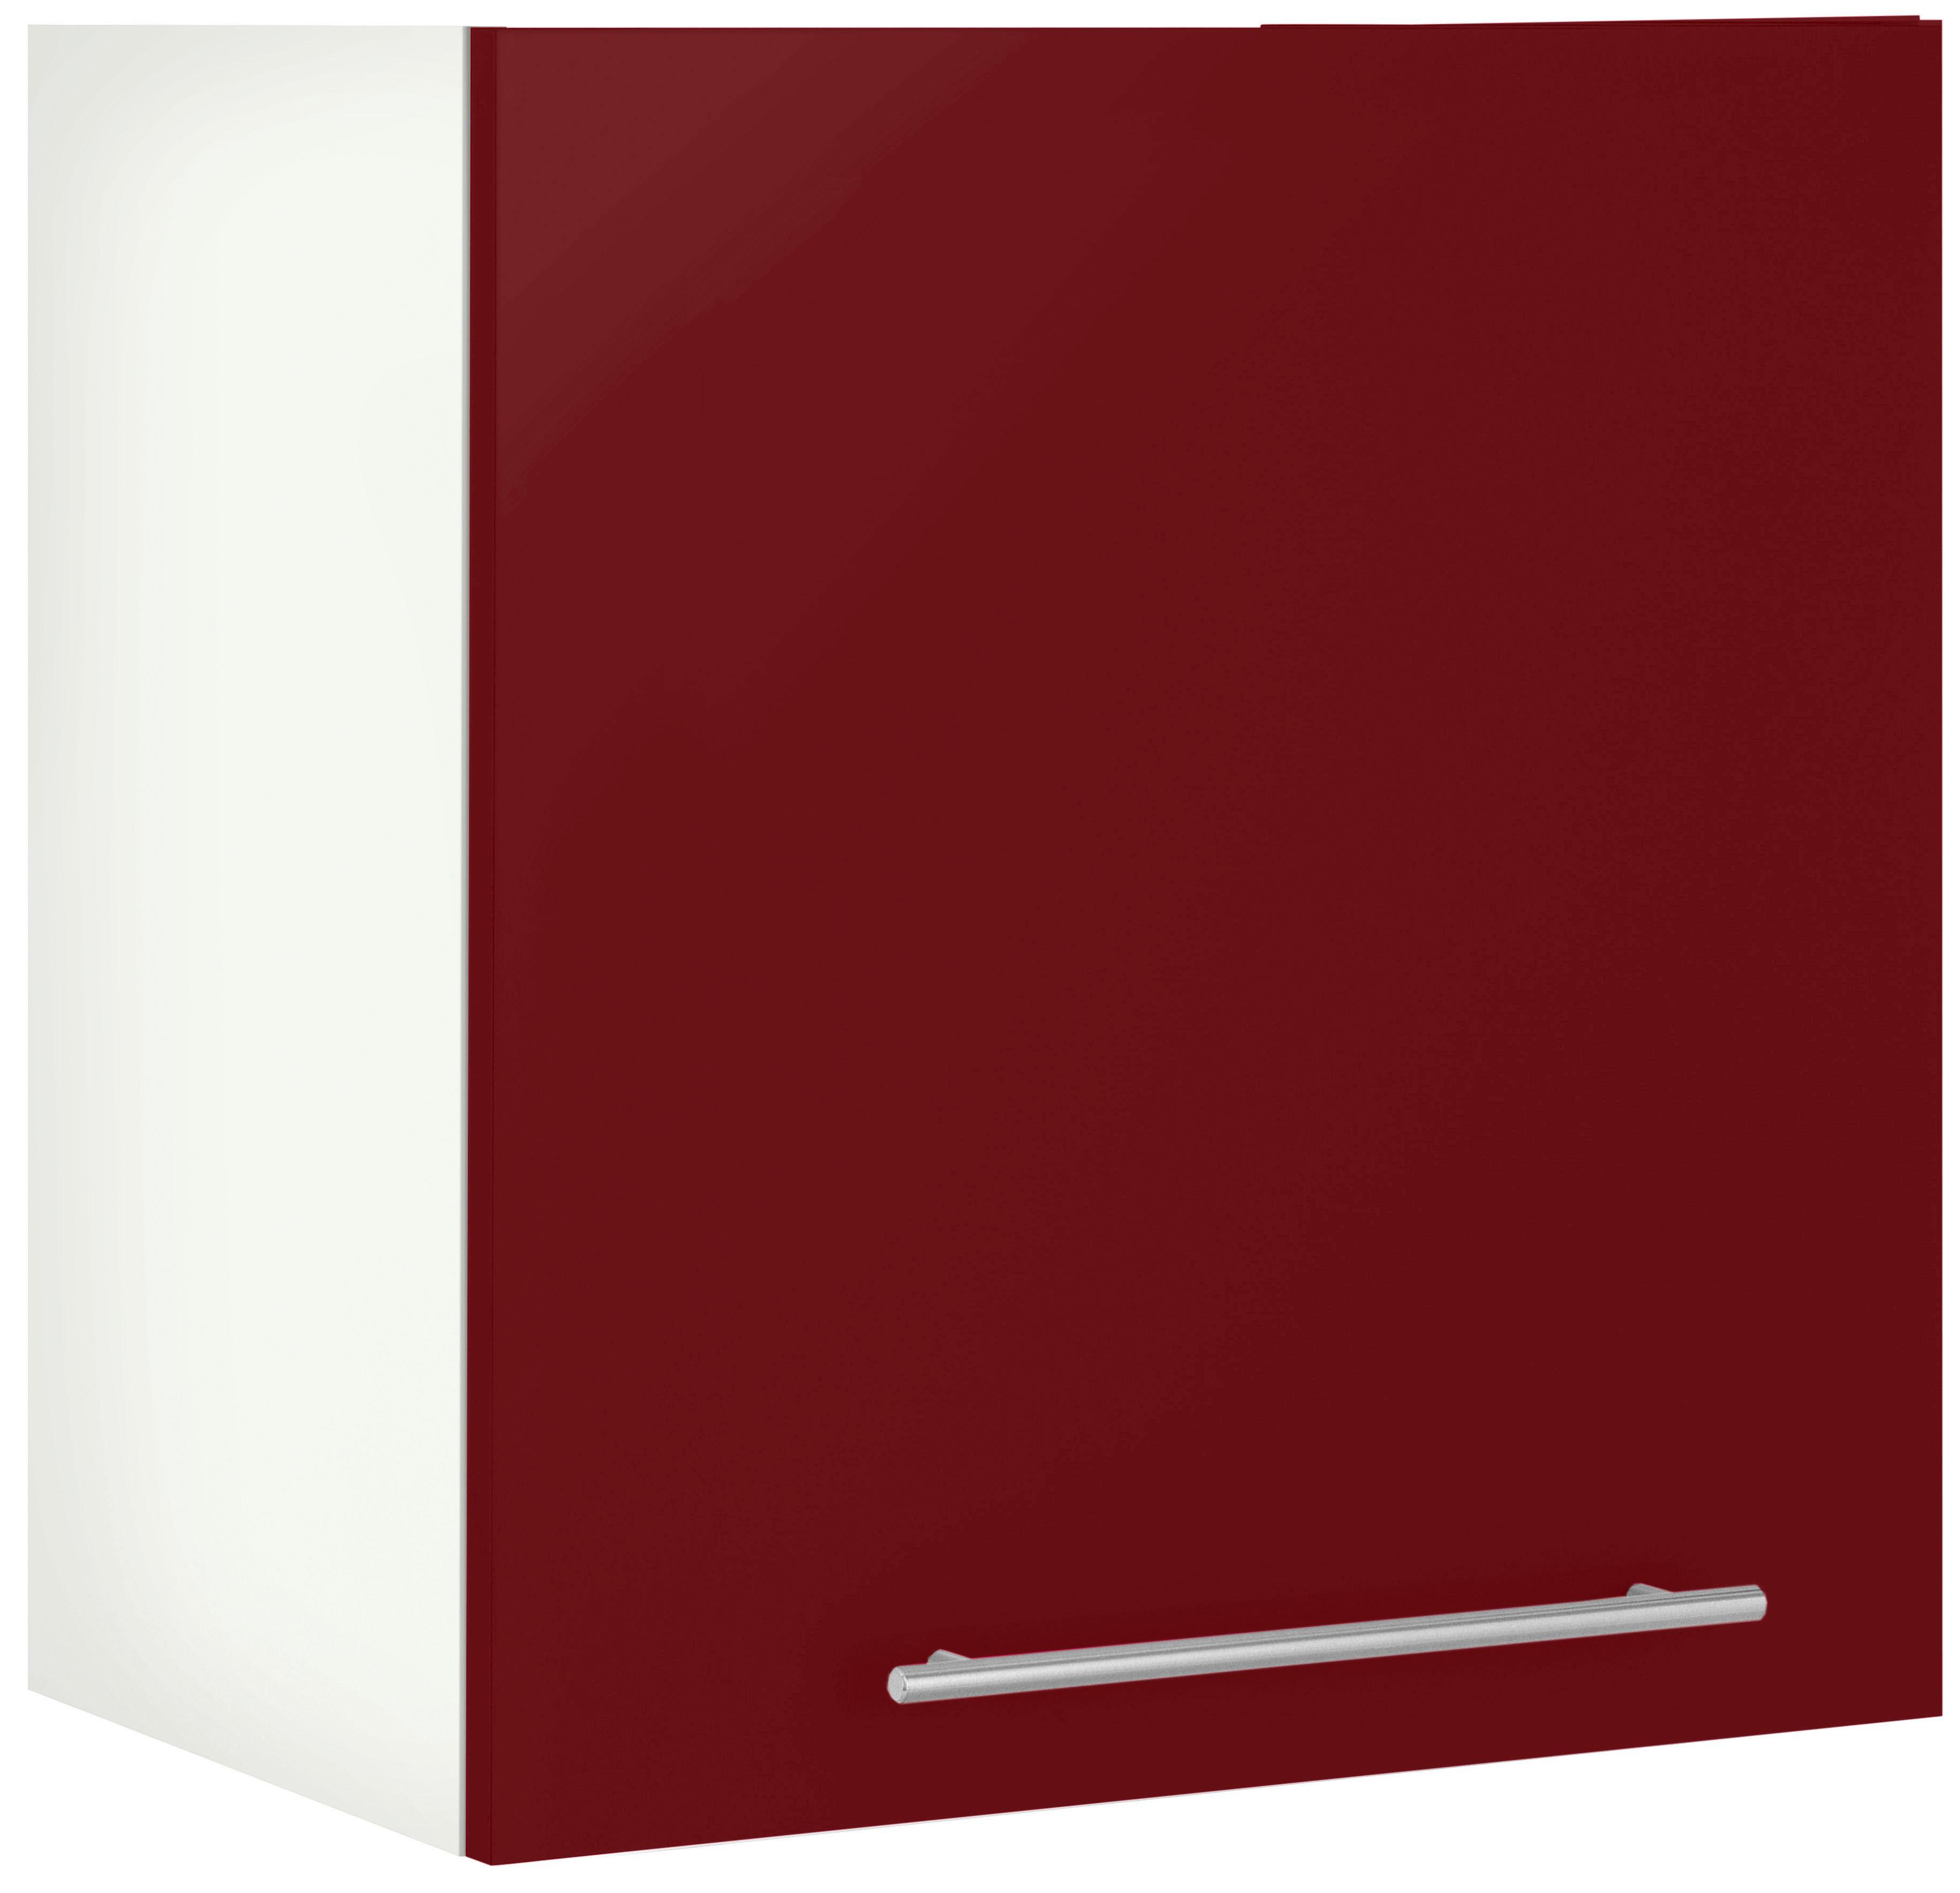 WIHO-Küchen Hängeschrank Flexi2 Breite 60 cm | Küche und Esszimmer > Küchenschränke > Küchen-Hängeschränke | Rot | Melamin | Wiho Küchen